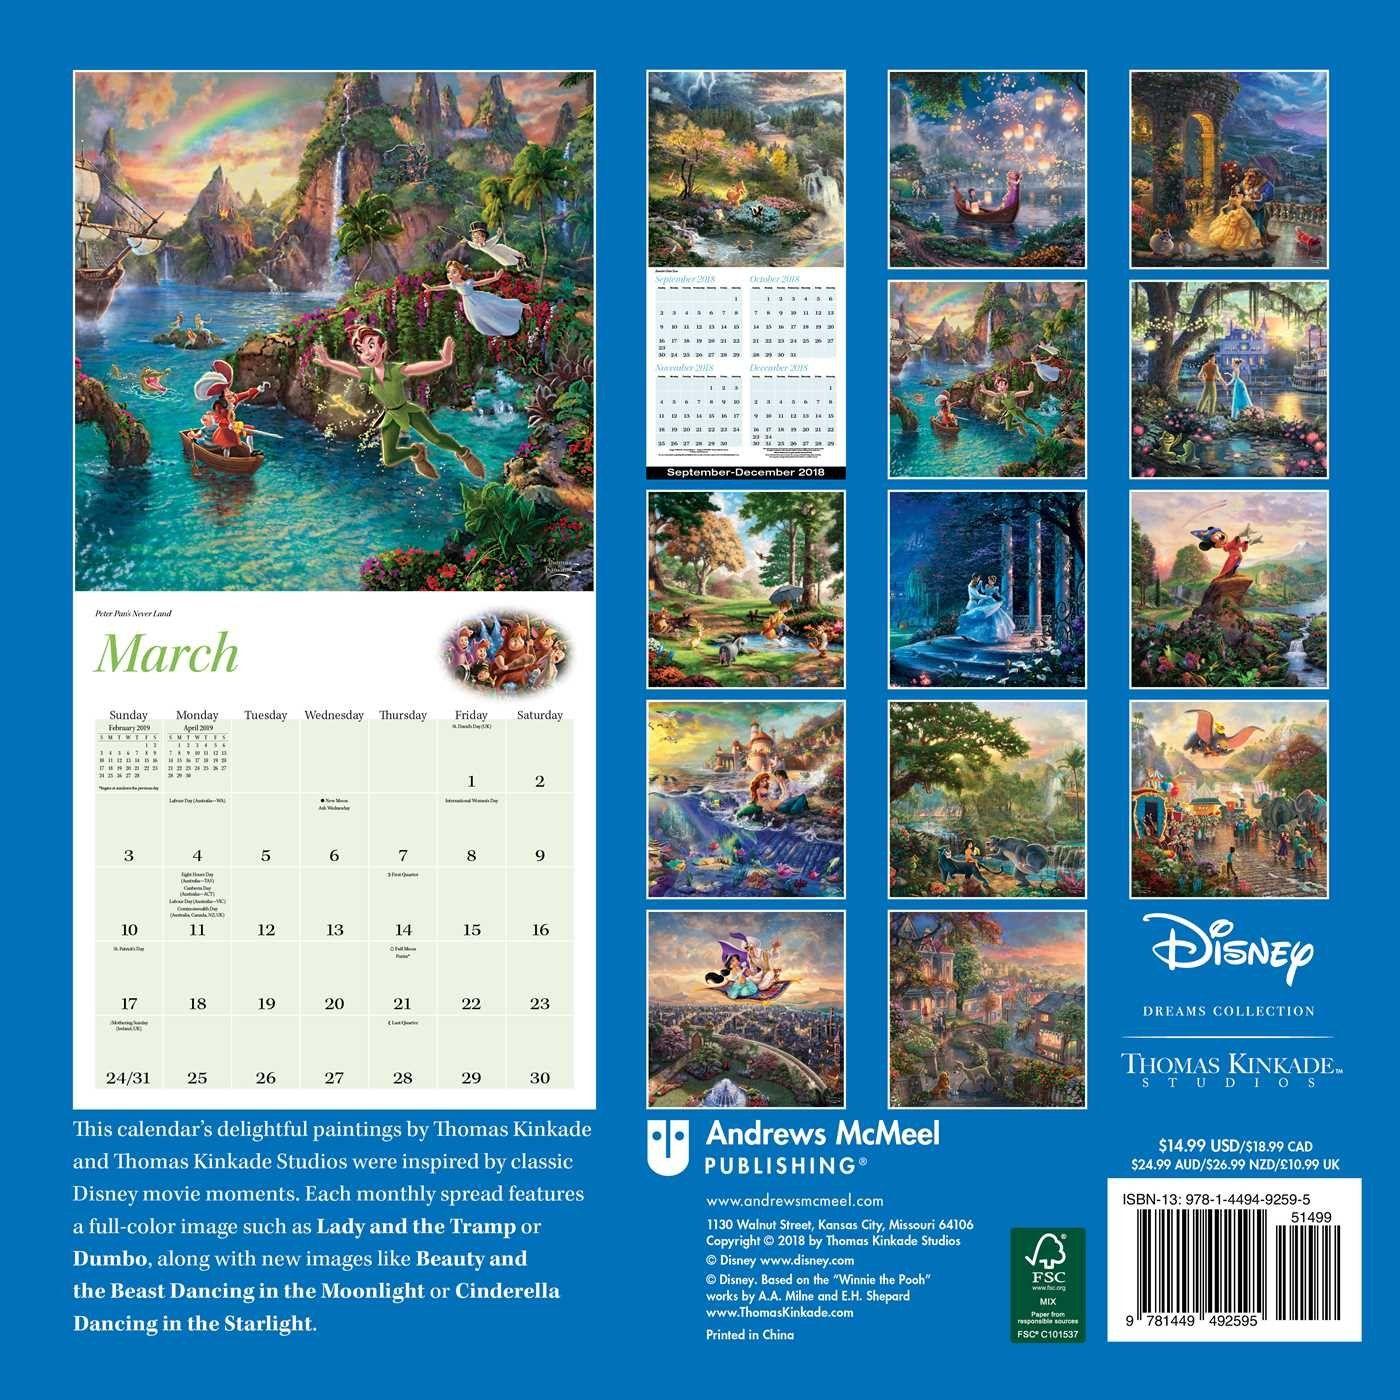 Disney Discovery Thomas Kinkade 2019 Disney Calendar